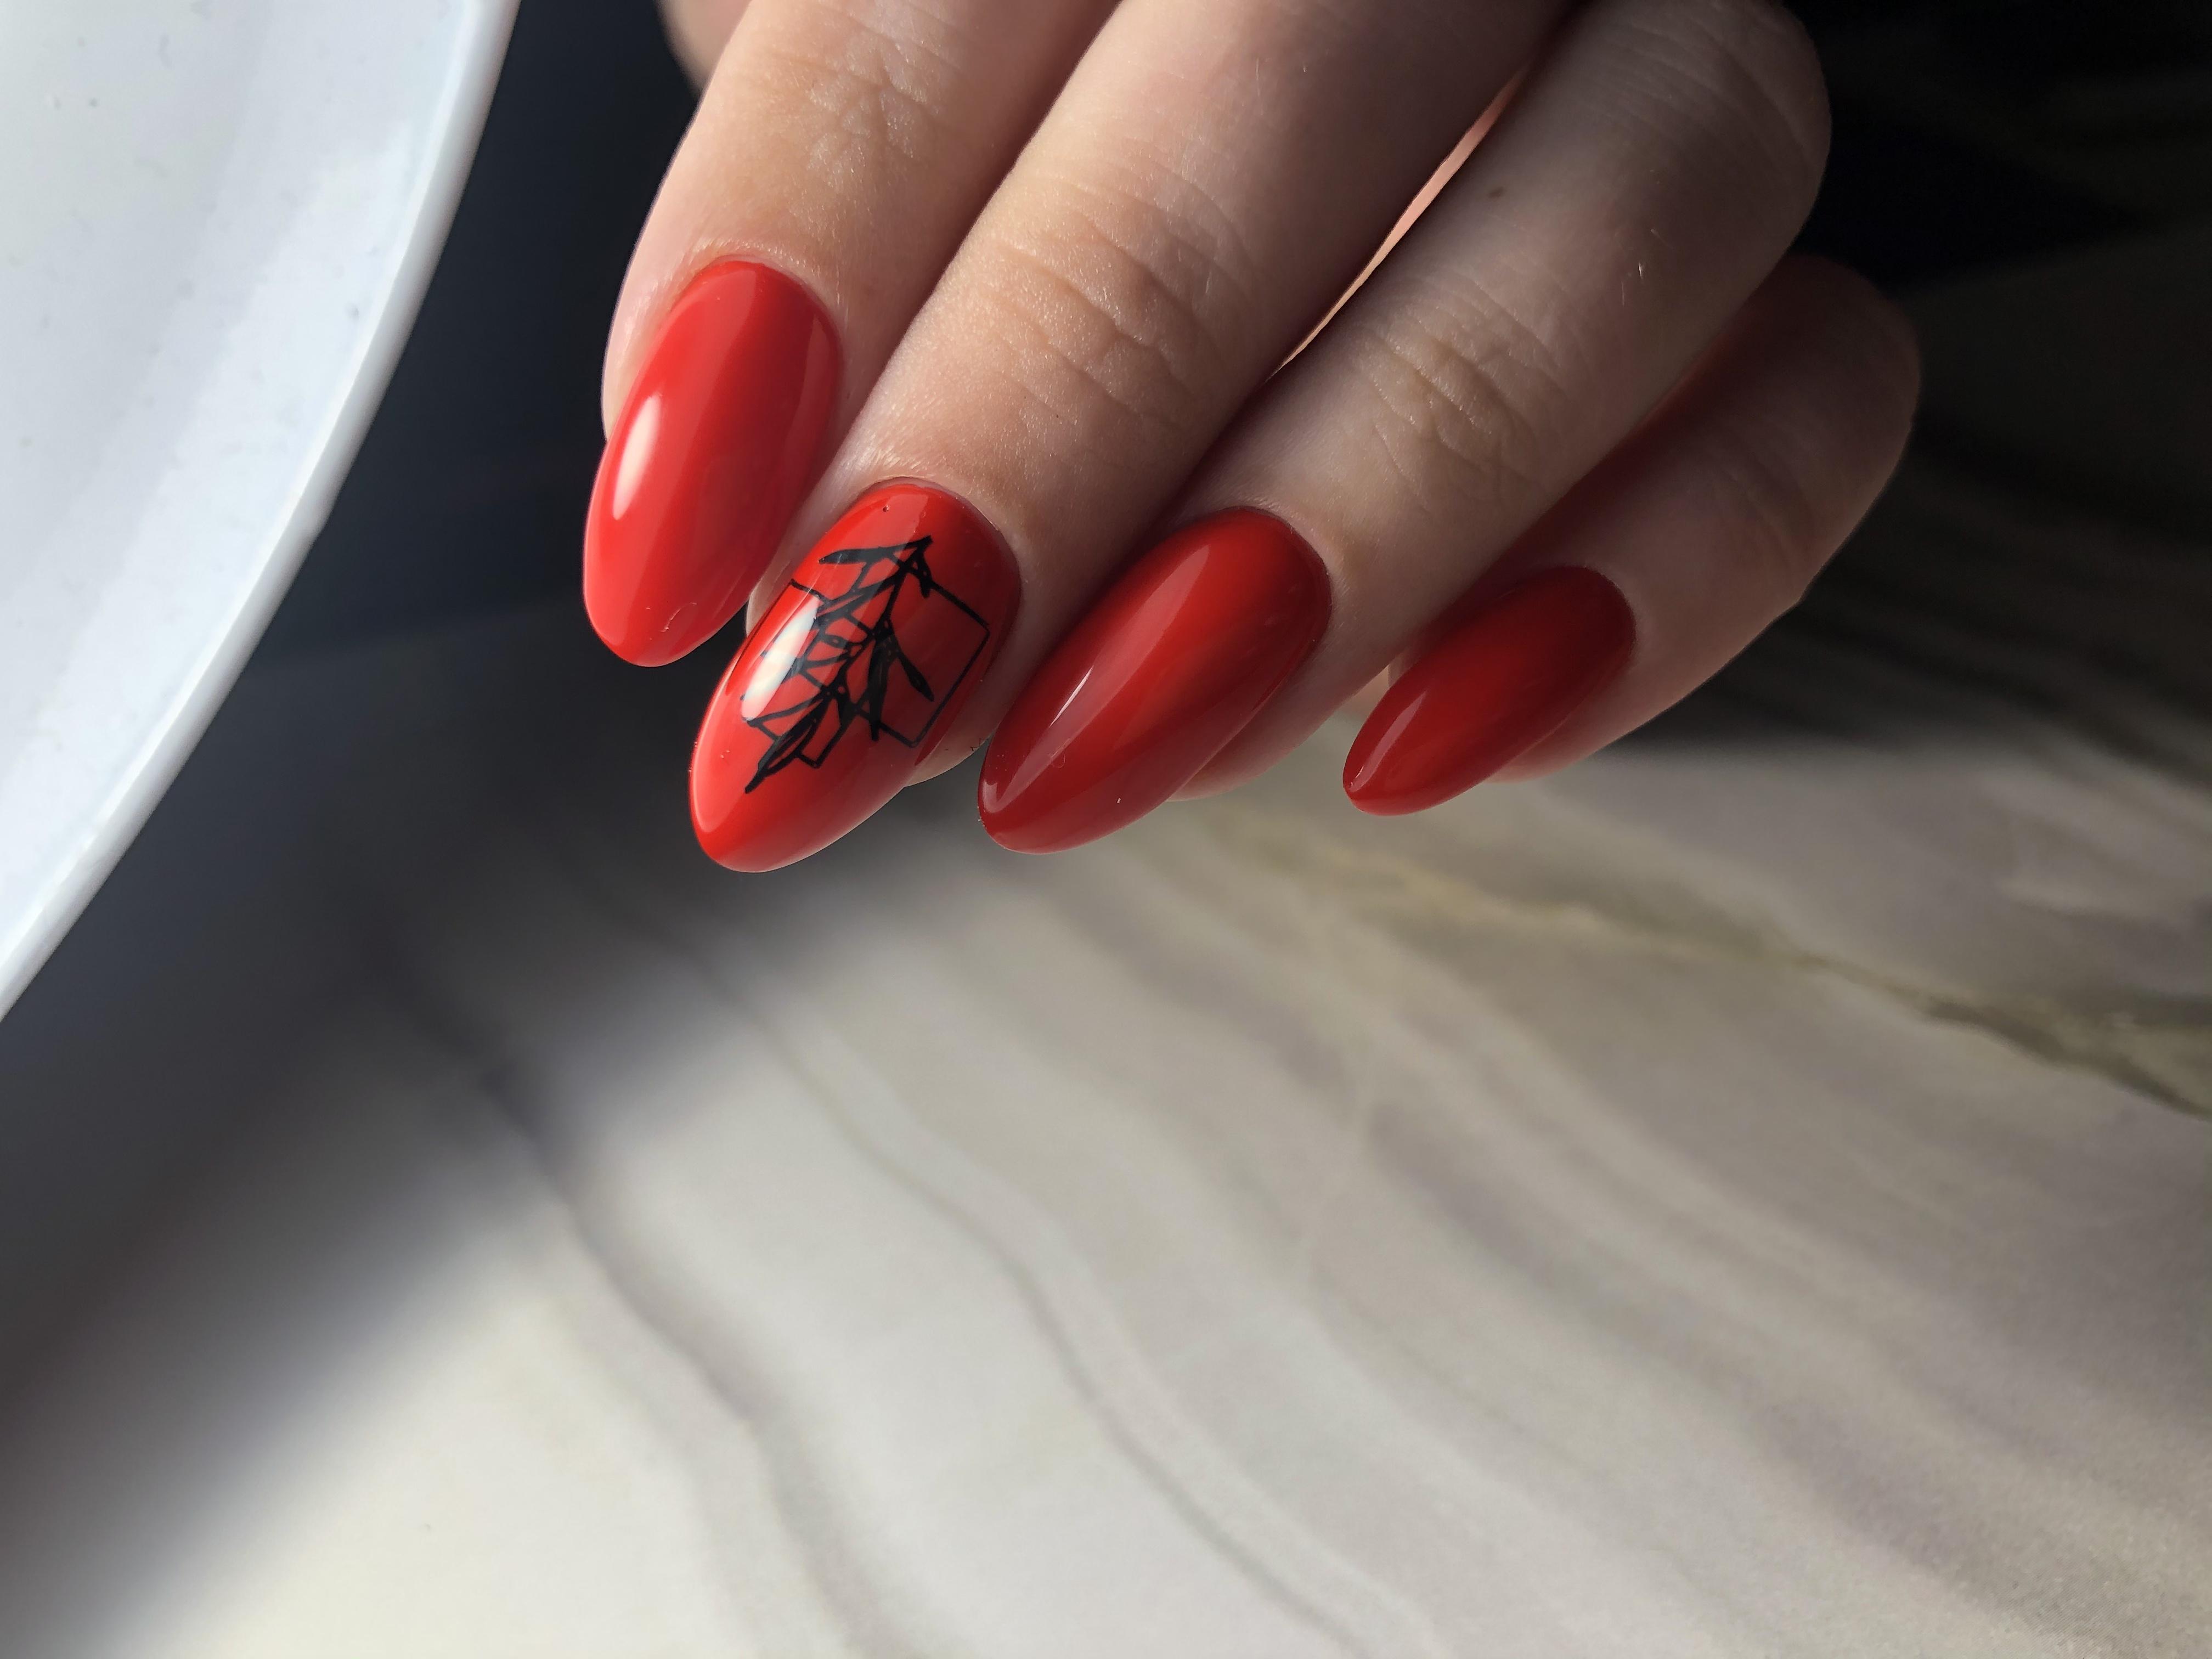 Маникюр с растительным слайдером в красном цвете.